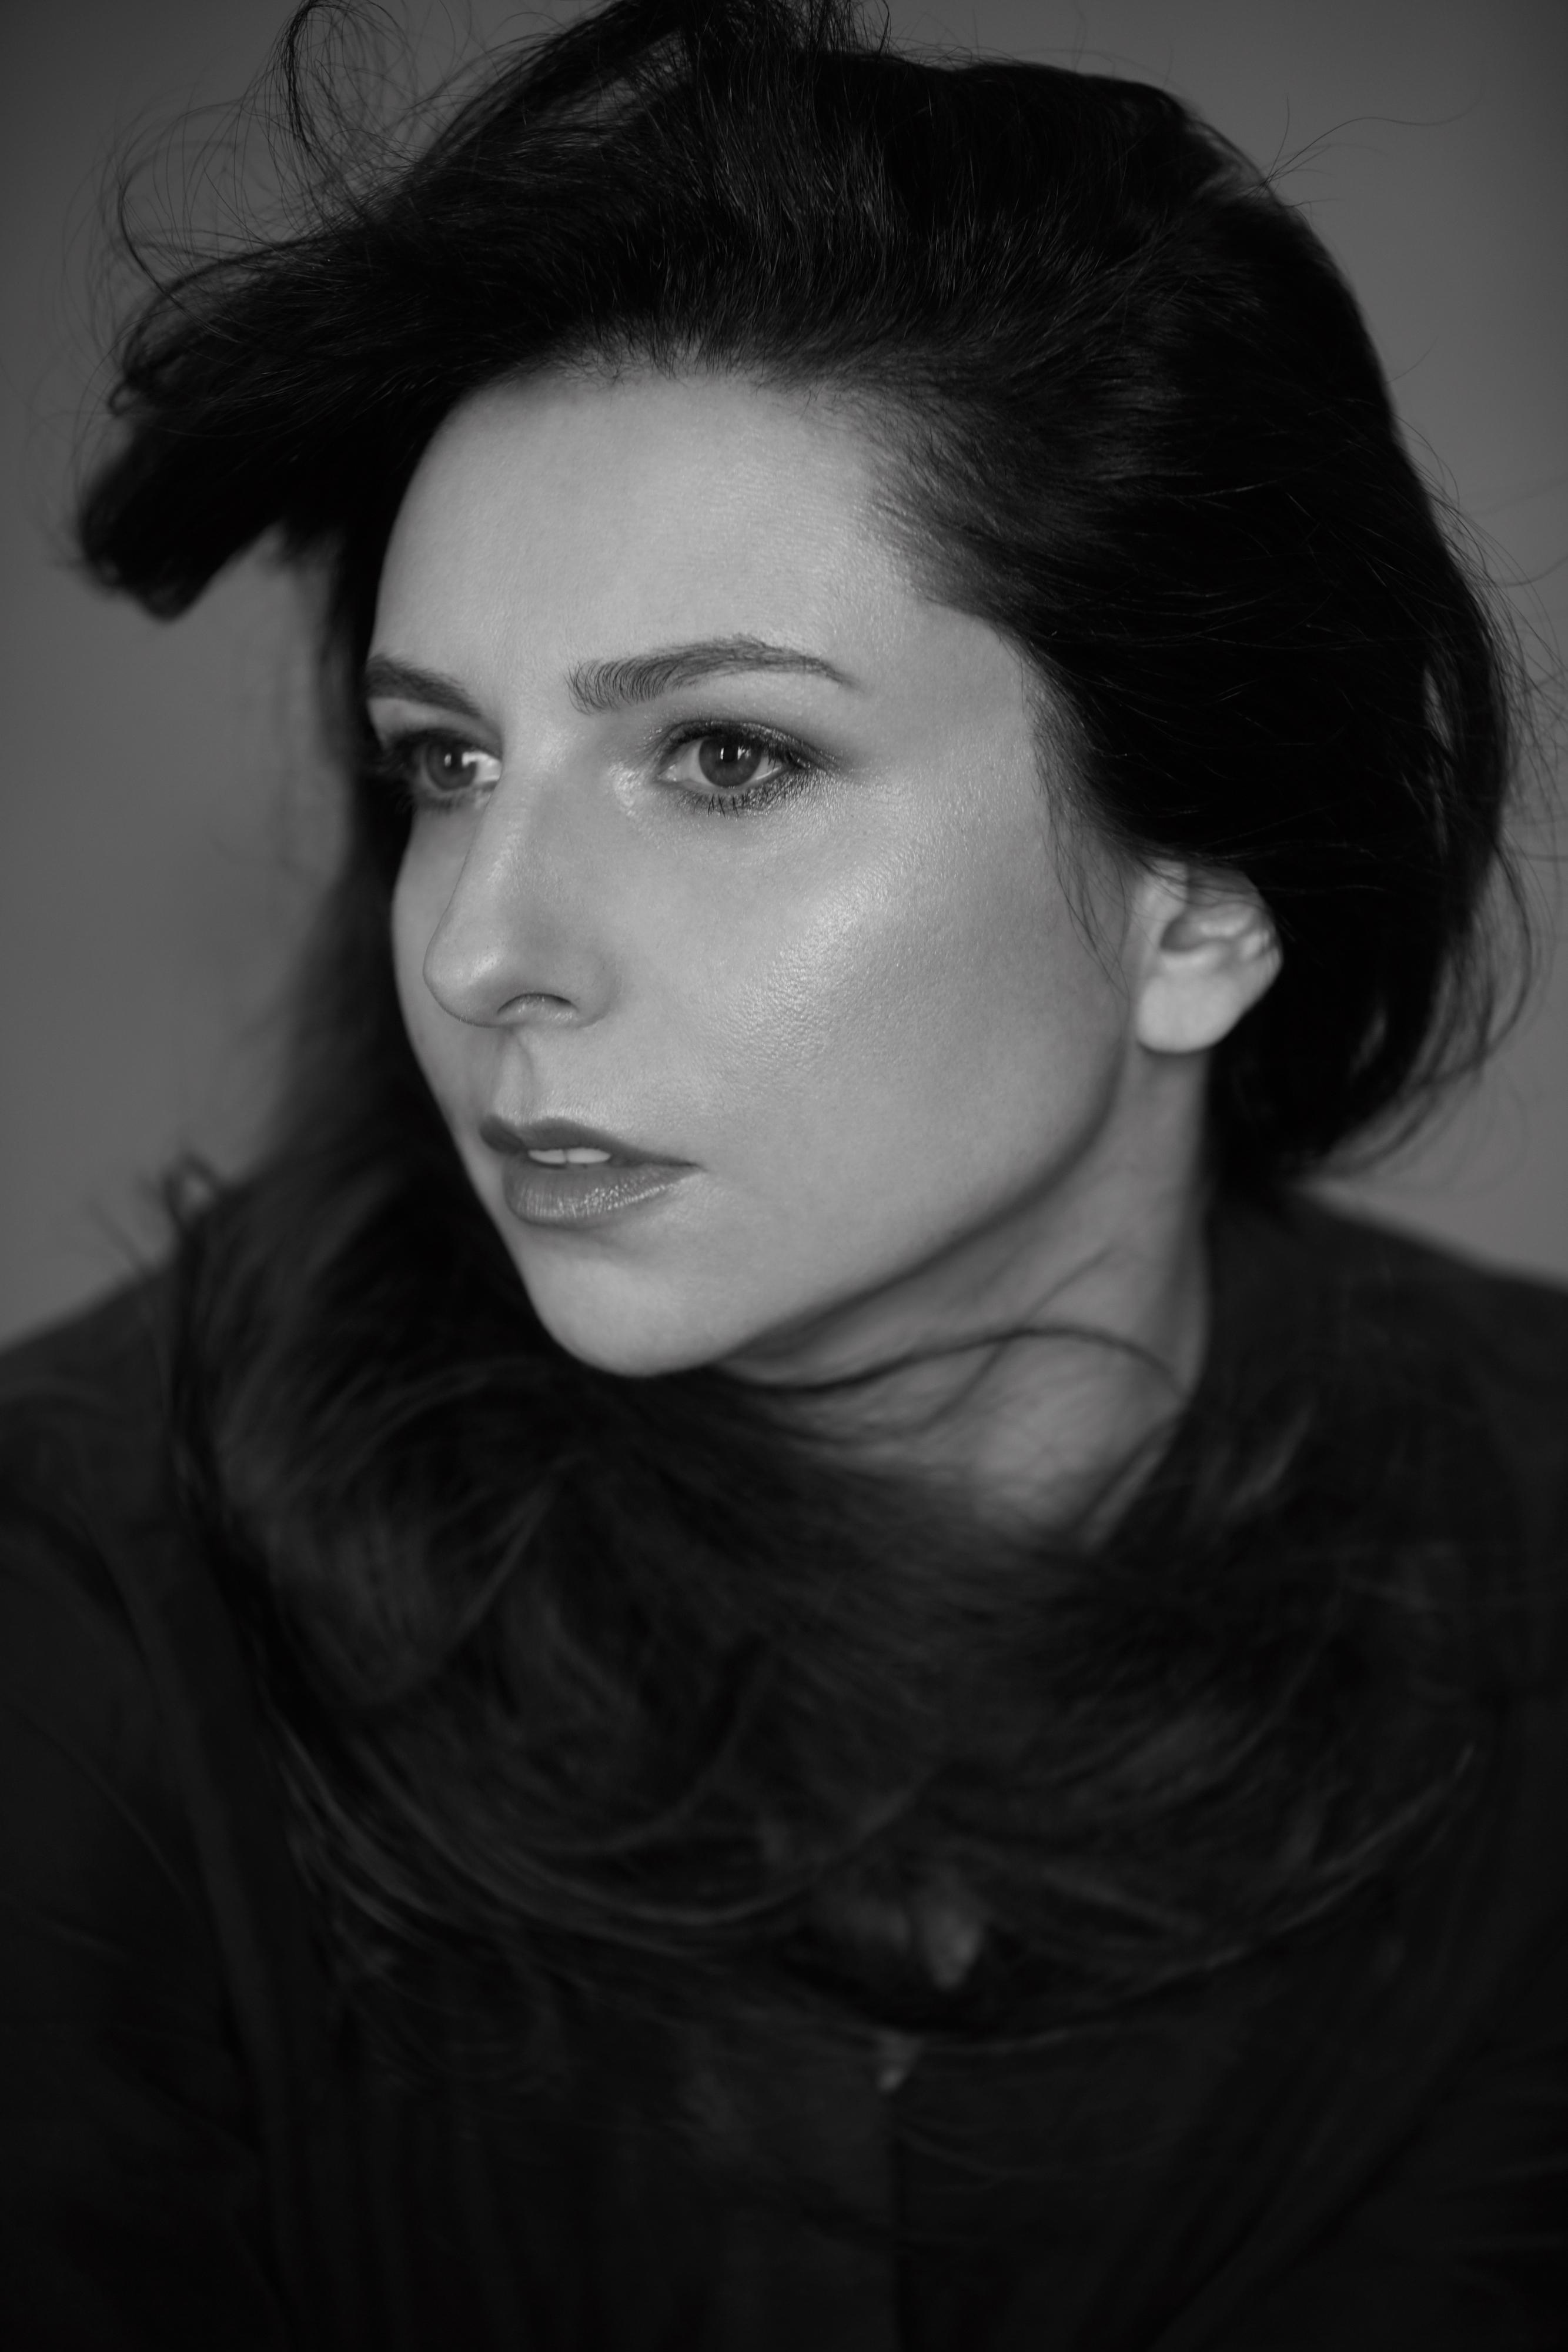 Alisa Khazanova file:alisa khazanovaalyona sunnyblossom - wikimedia